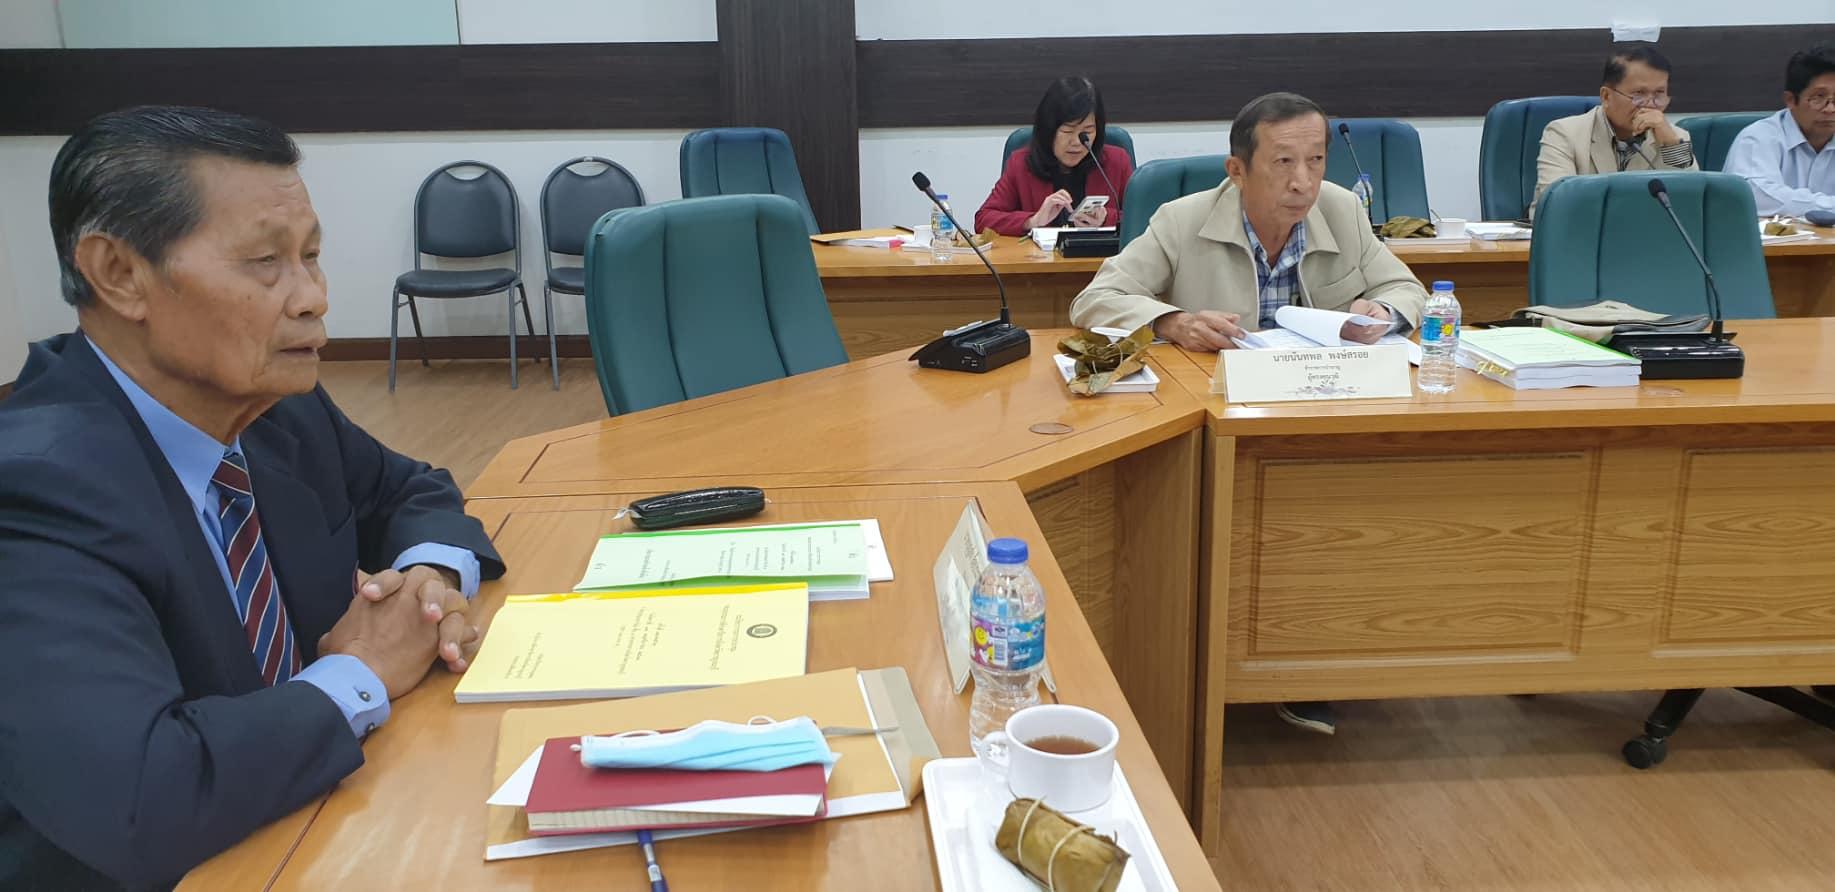 การประชุมคณะอนุกรรมการศึกษาธิการจังหวัดกาญจนบุรี (ด้านบริหารงานบุคคล) ครั้งที่ 12/2563